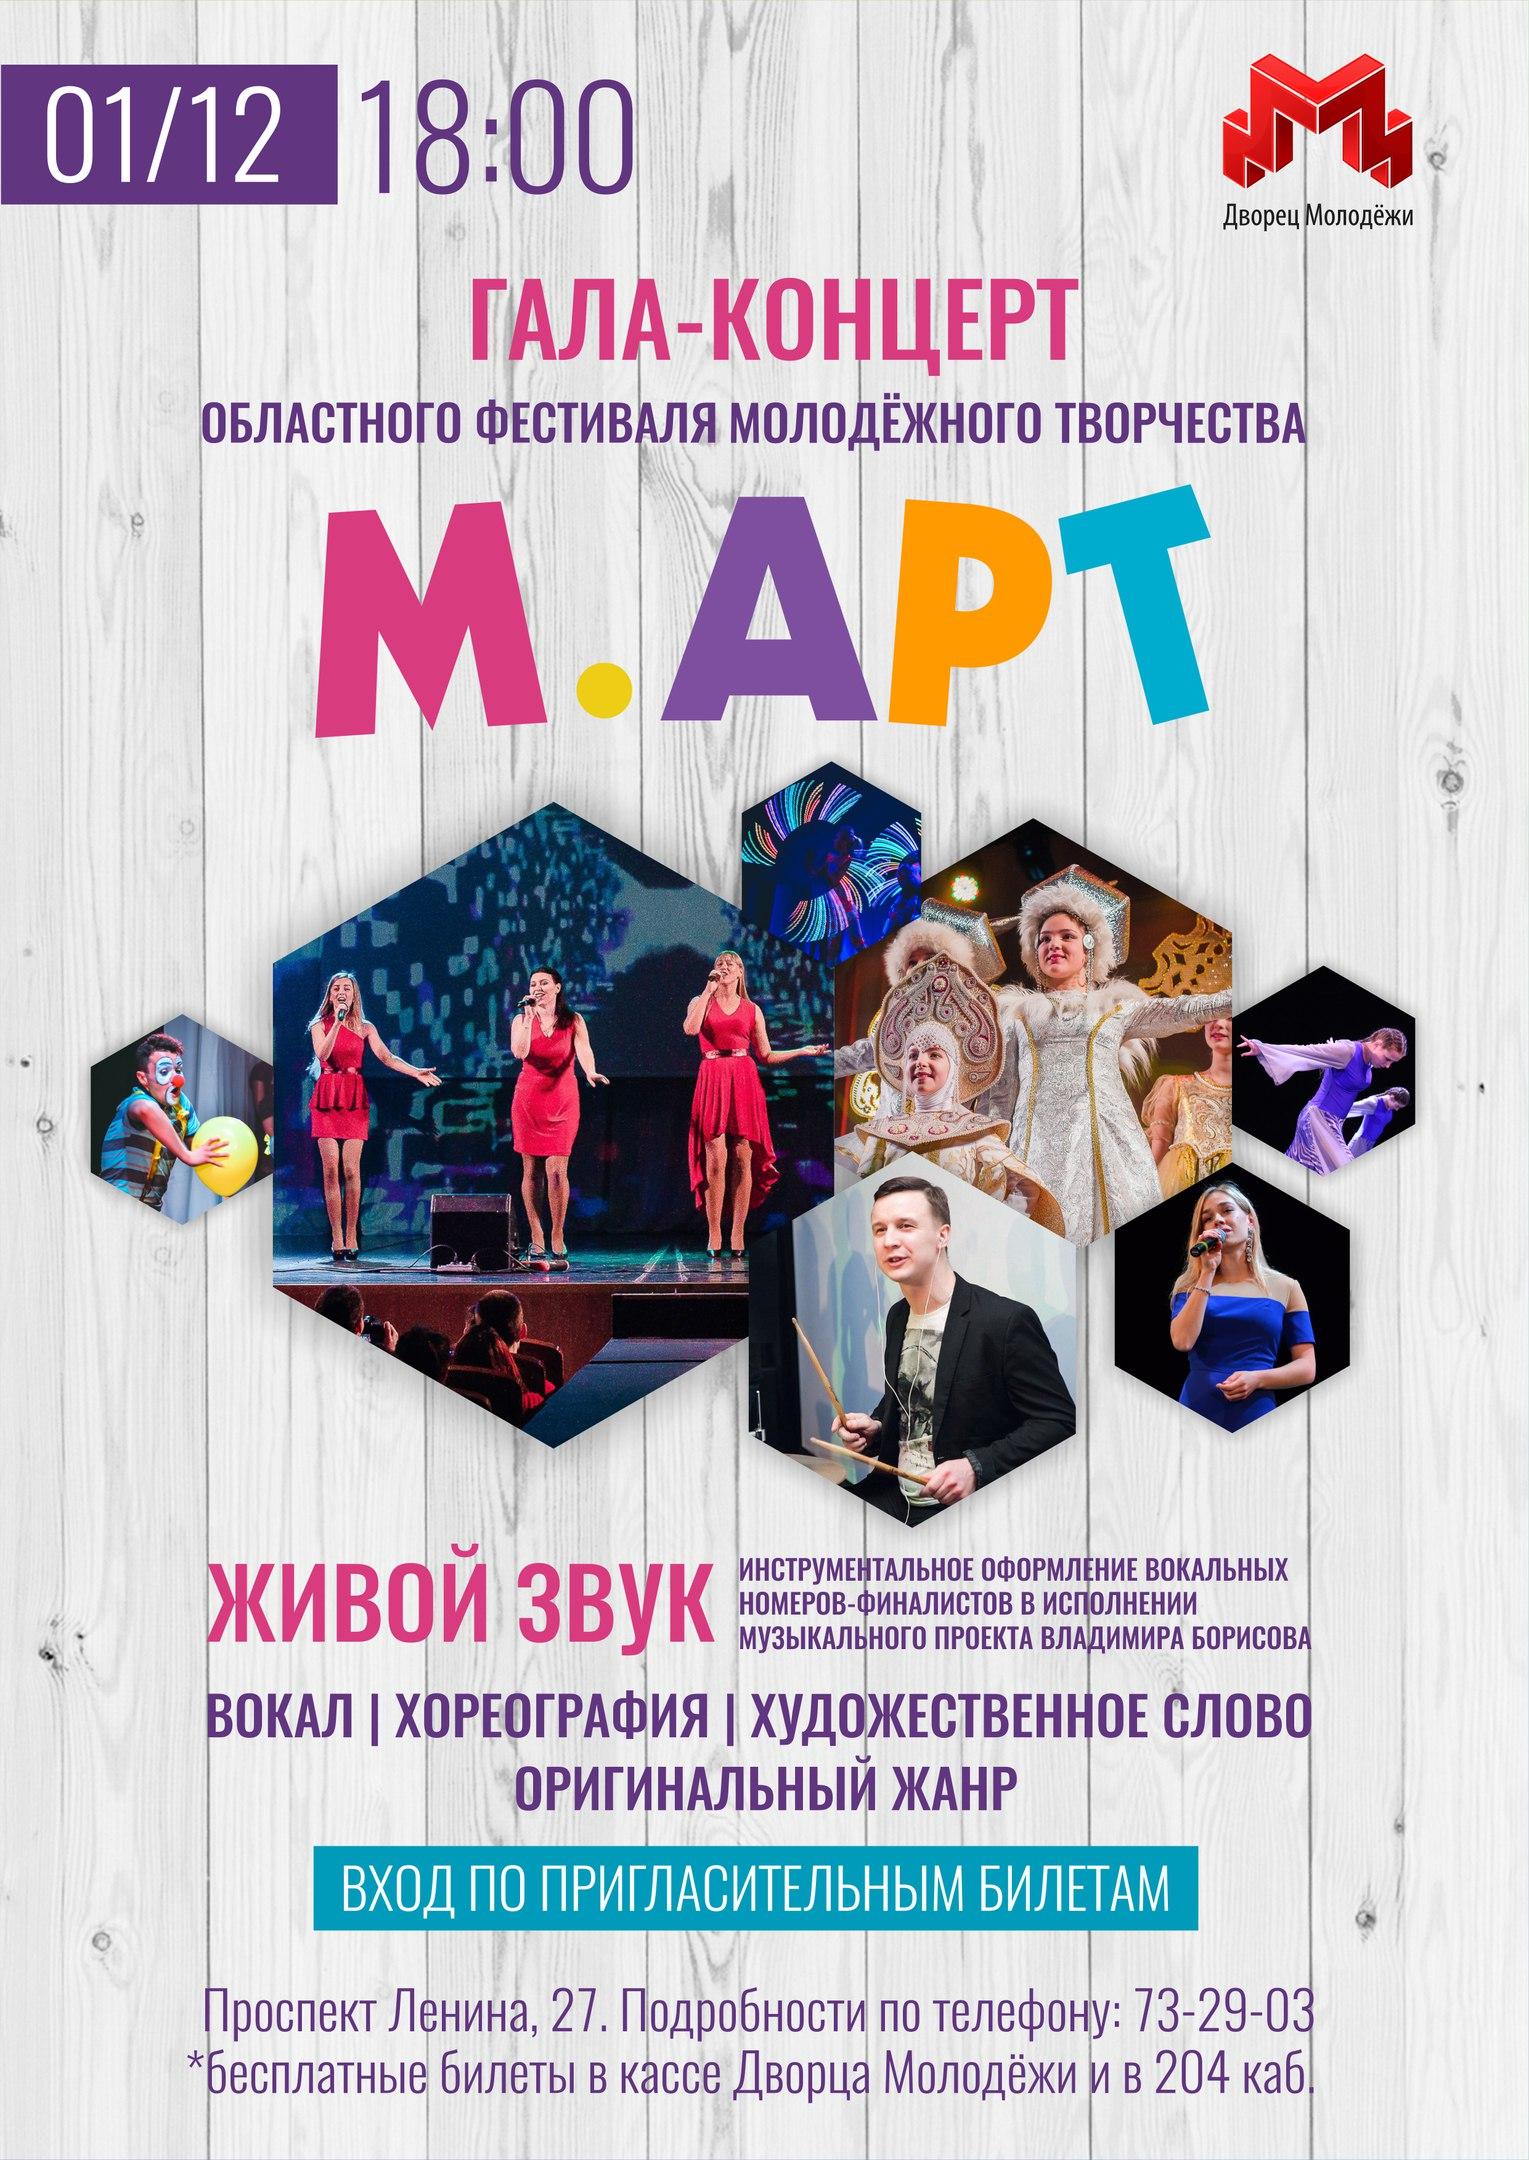 Увидимся на гала-концерте!